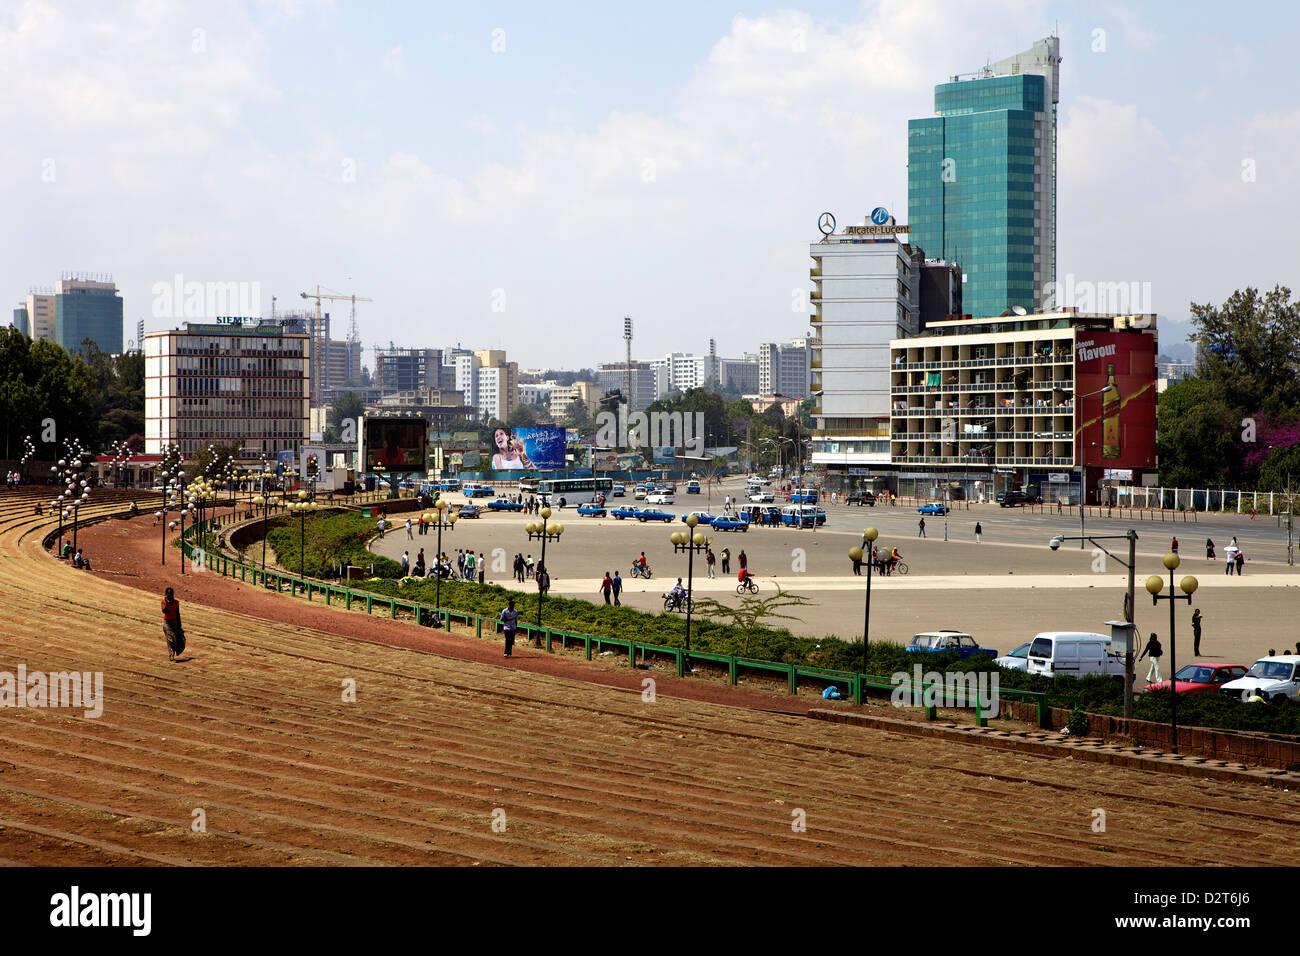 Meskal Square, Addis Ababa, Ethiopia, Africa - Stock Image